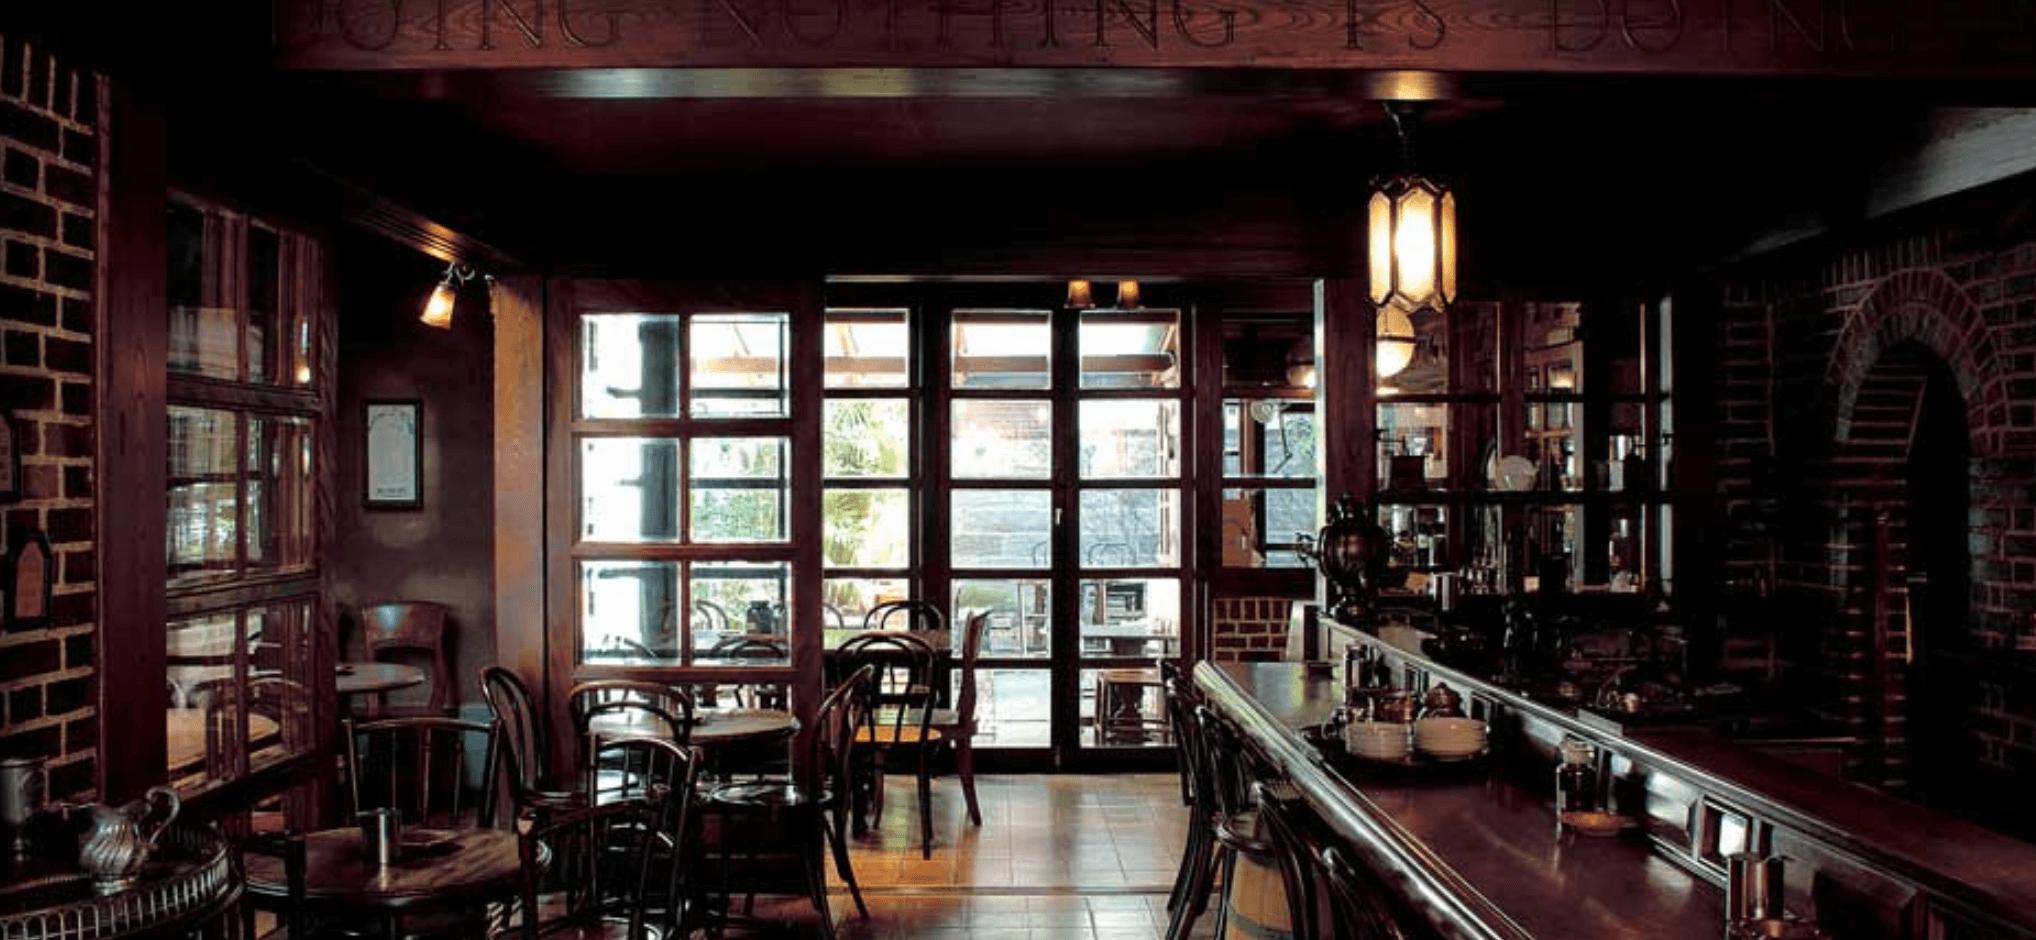 岡山でパパ活におすすめなちょっとリッチなカフェ「倉敷珈琲館」